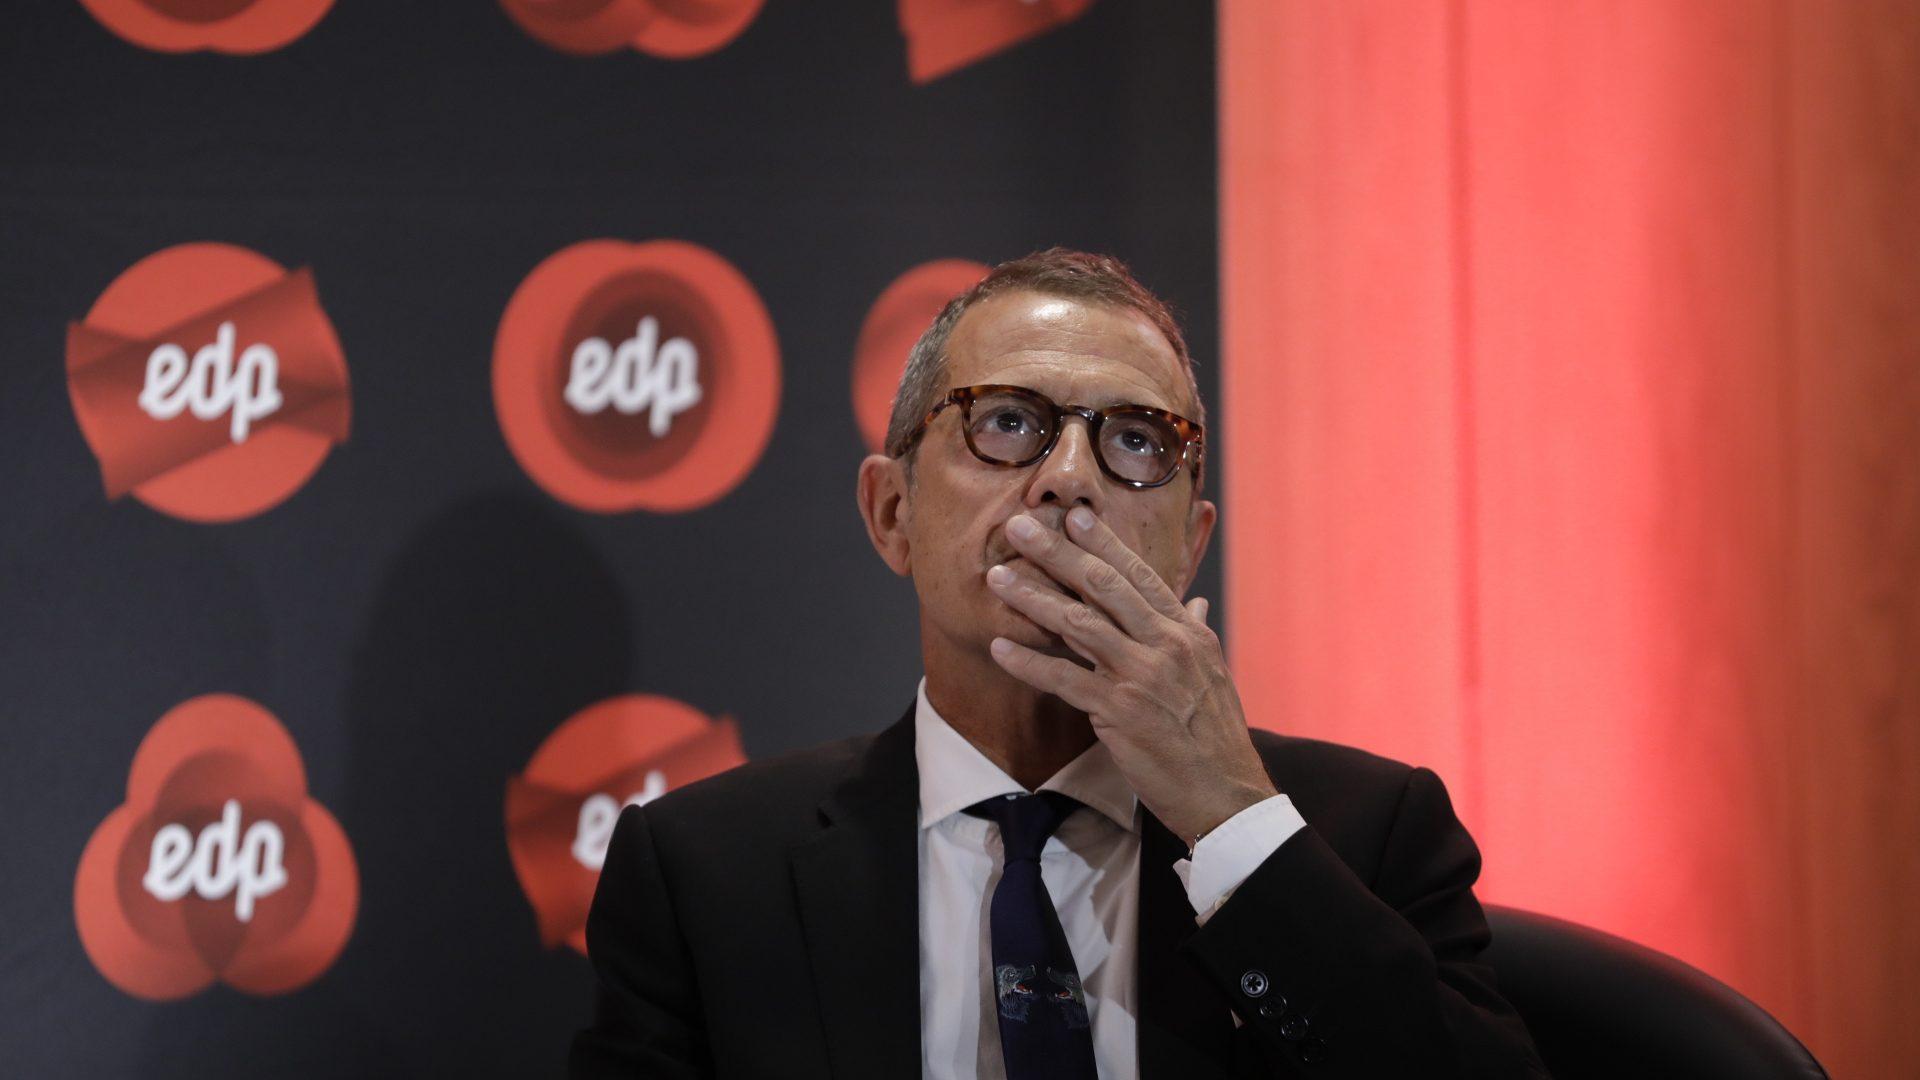 Mexia desvaloriza entrada de investidor ativista na EDP. E vai pagar a CESE?